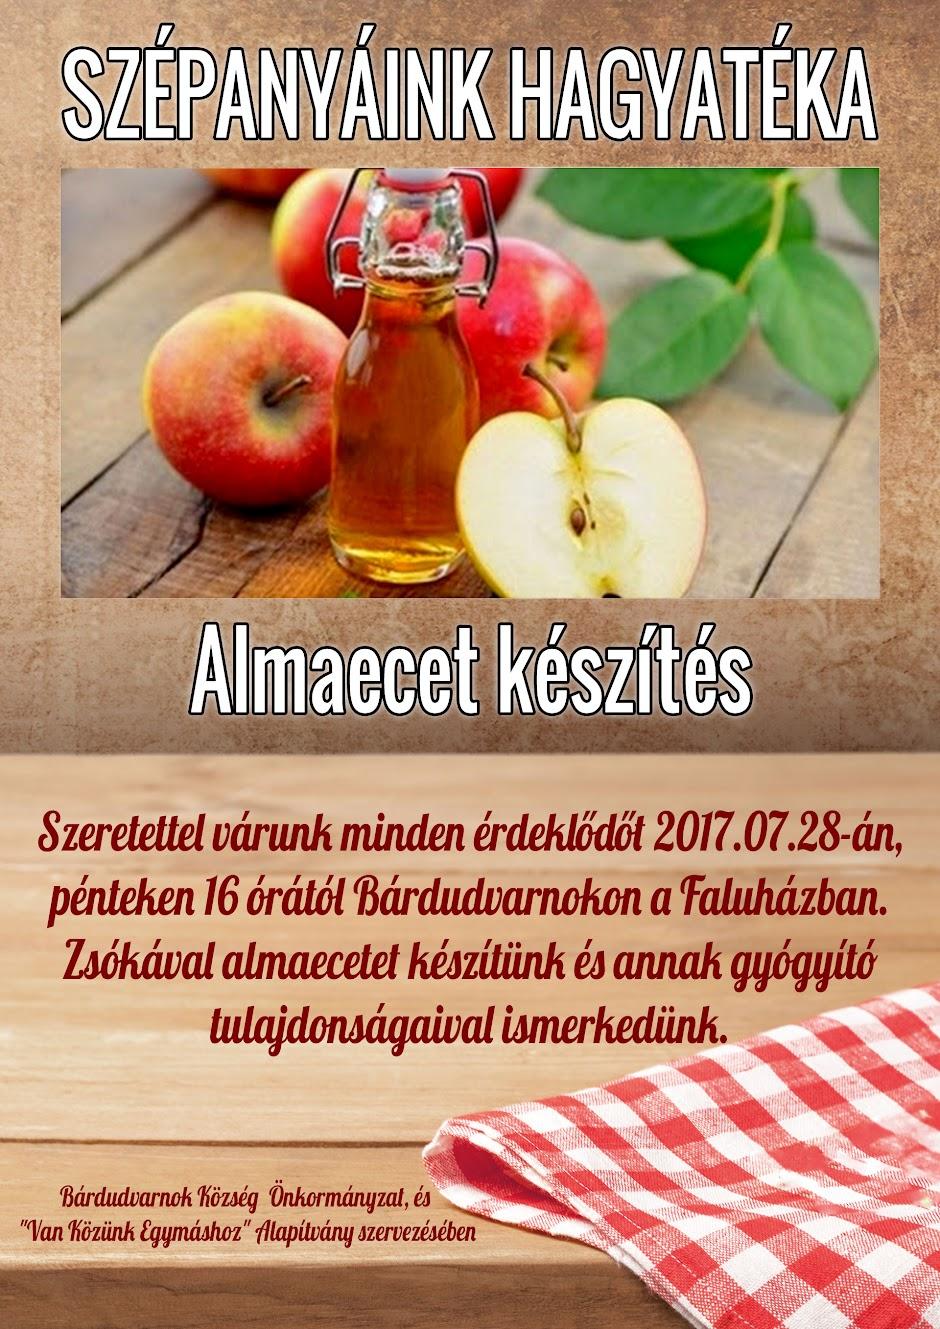 Almaecet készítés plakát